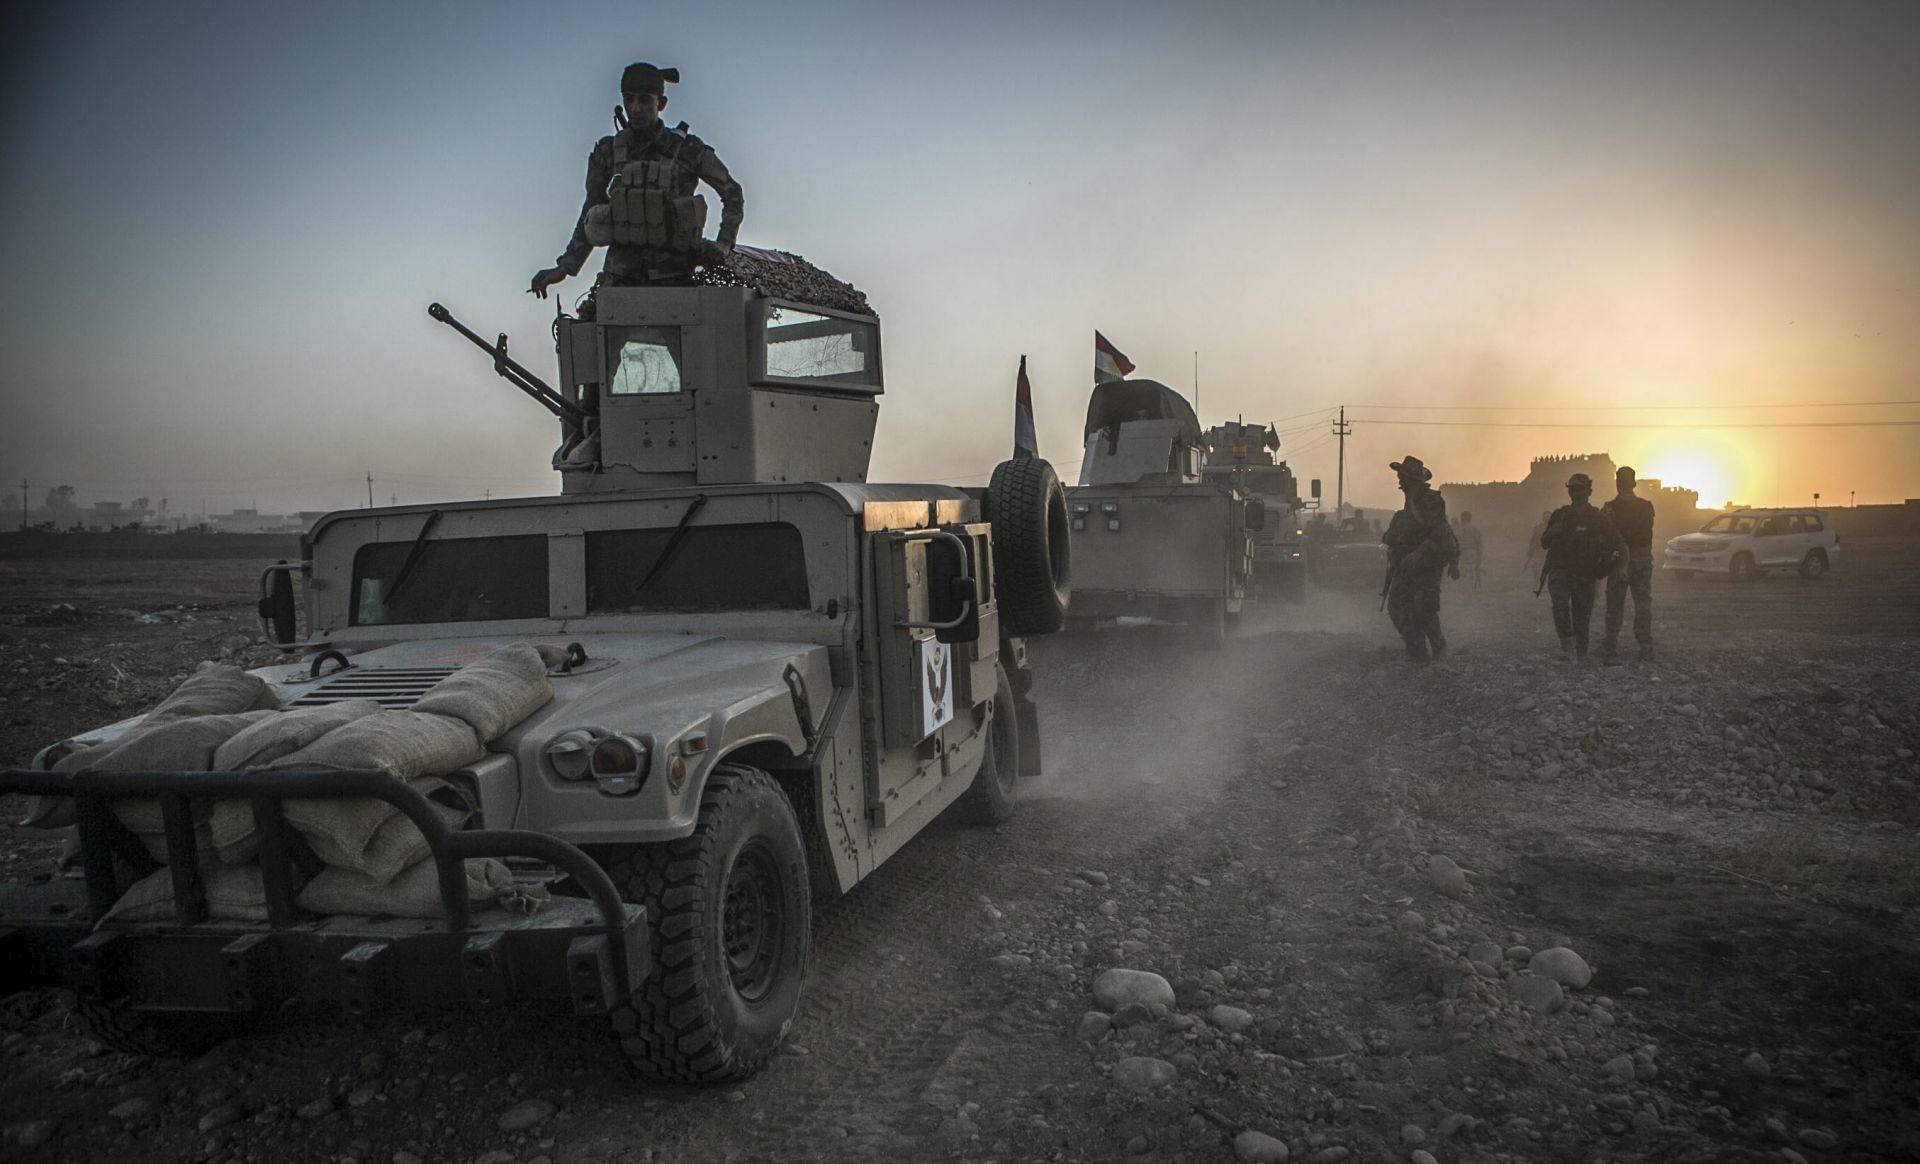 PENTAGON Iračke snage u Mosulu napreduju brže od predviđenog